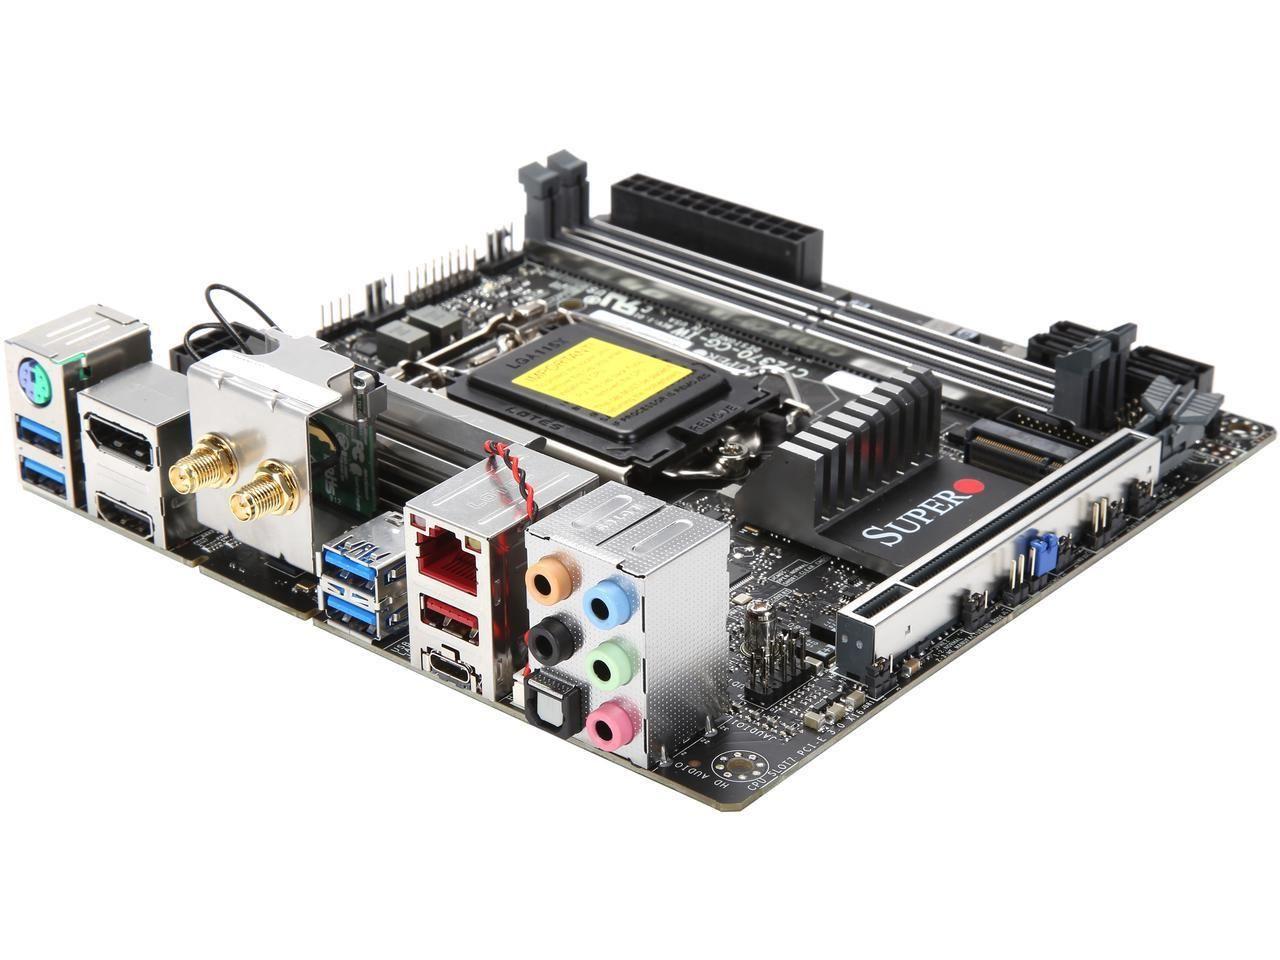 PLACA MAE Z370 MINI-ITX - INTEL 8A. GER (1151) - DDR4 - MBD-C7Z370-CG-IW-O